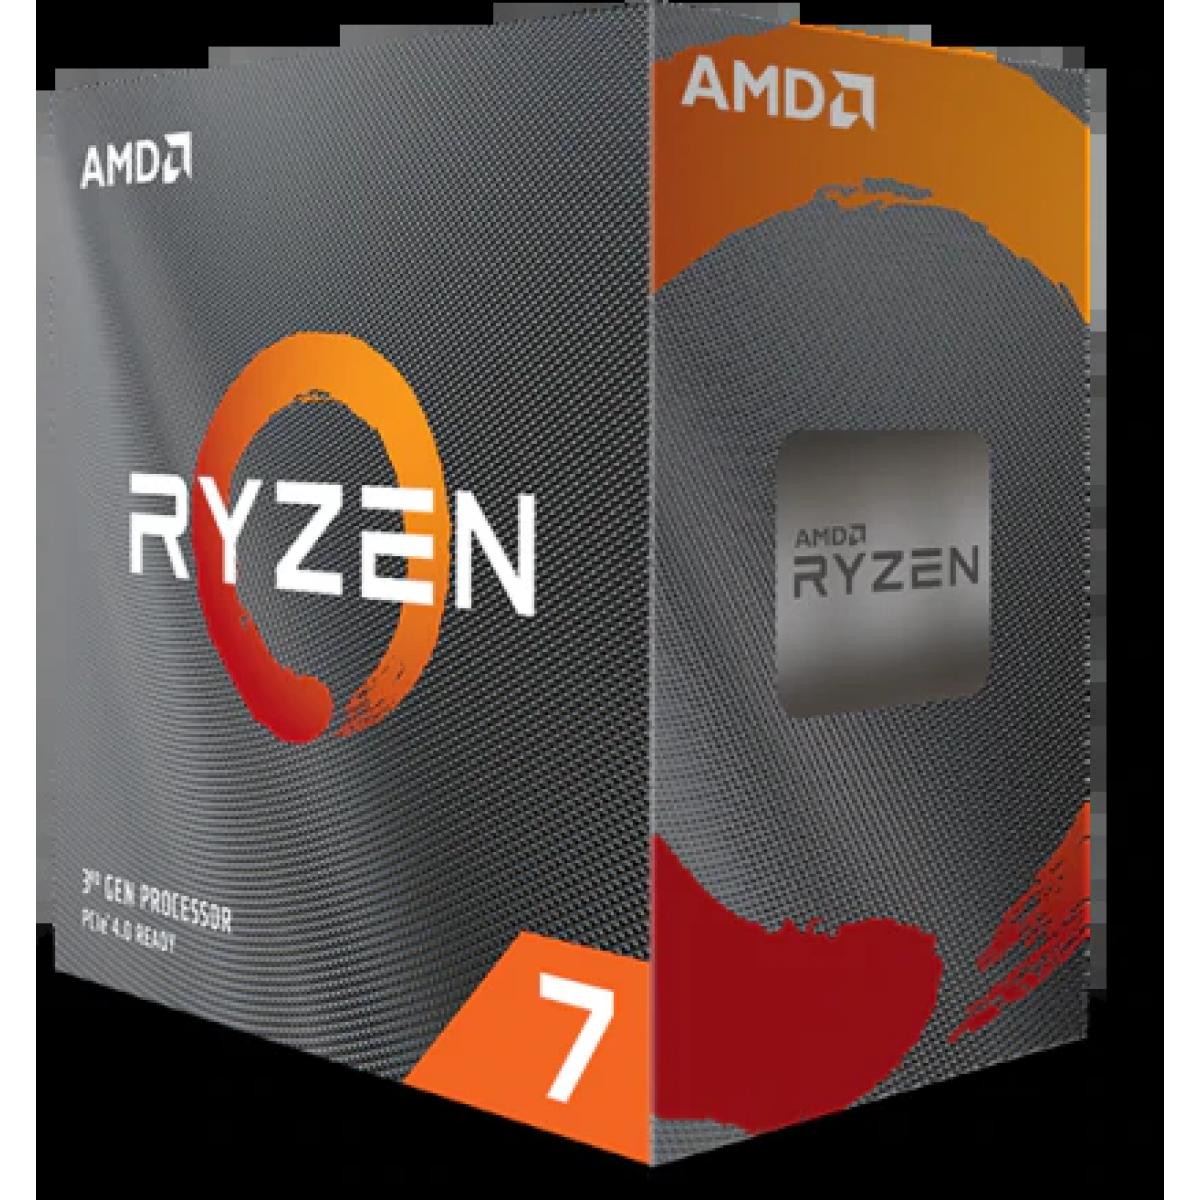 Processador AMD Ryzen 7 3800XT 3.9ghz (4.7ghz Turbo), 8-cores 16-threads, AM4, S/ Video, S/Cooler, 100-100000279WOF